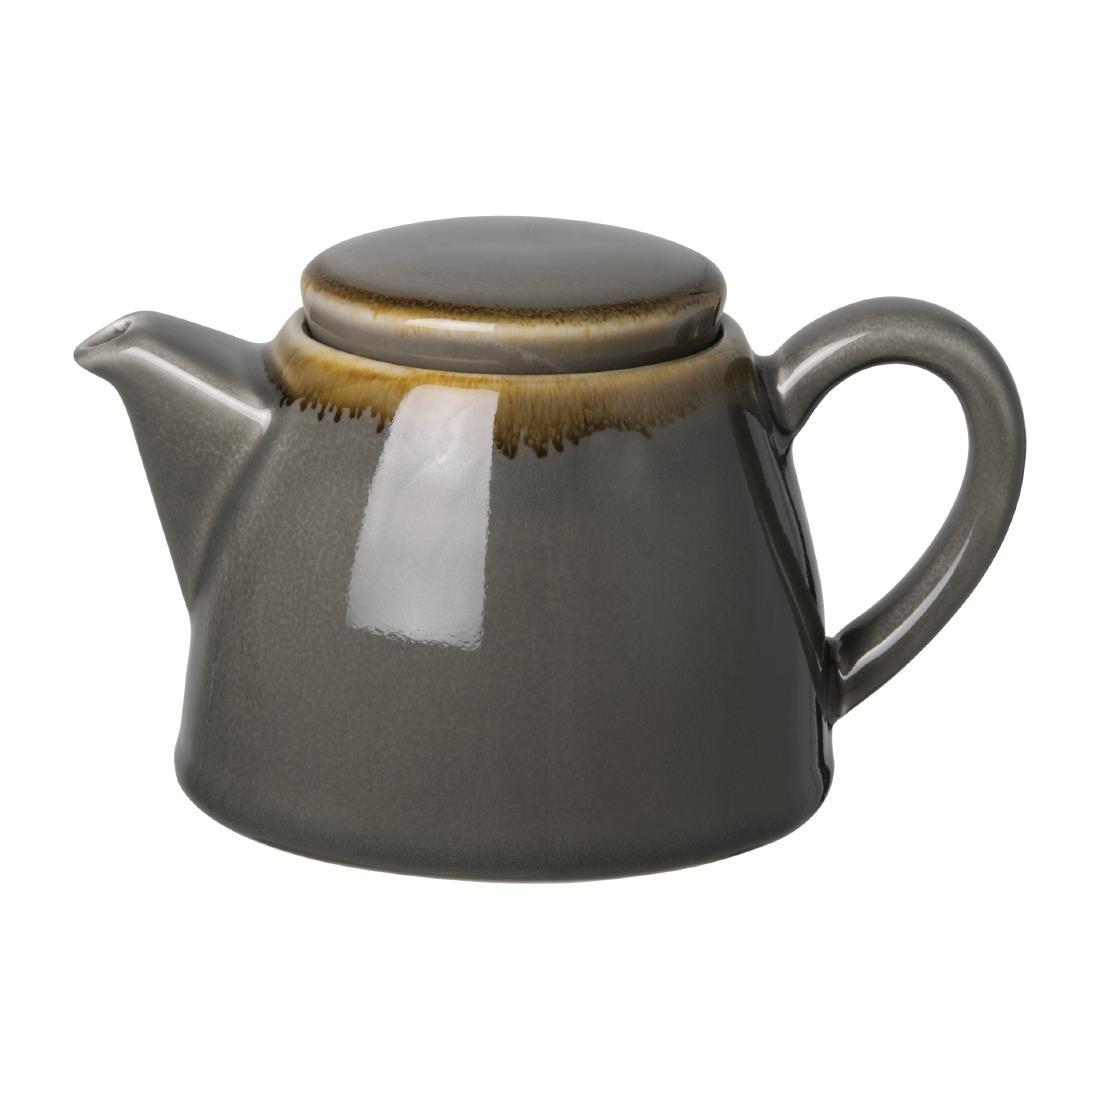 Teapot - Smoke